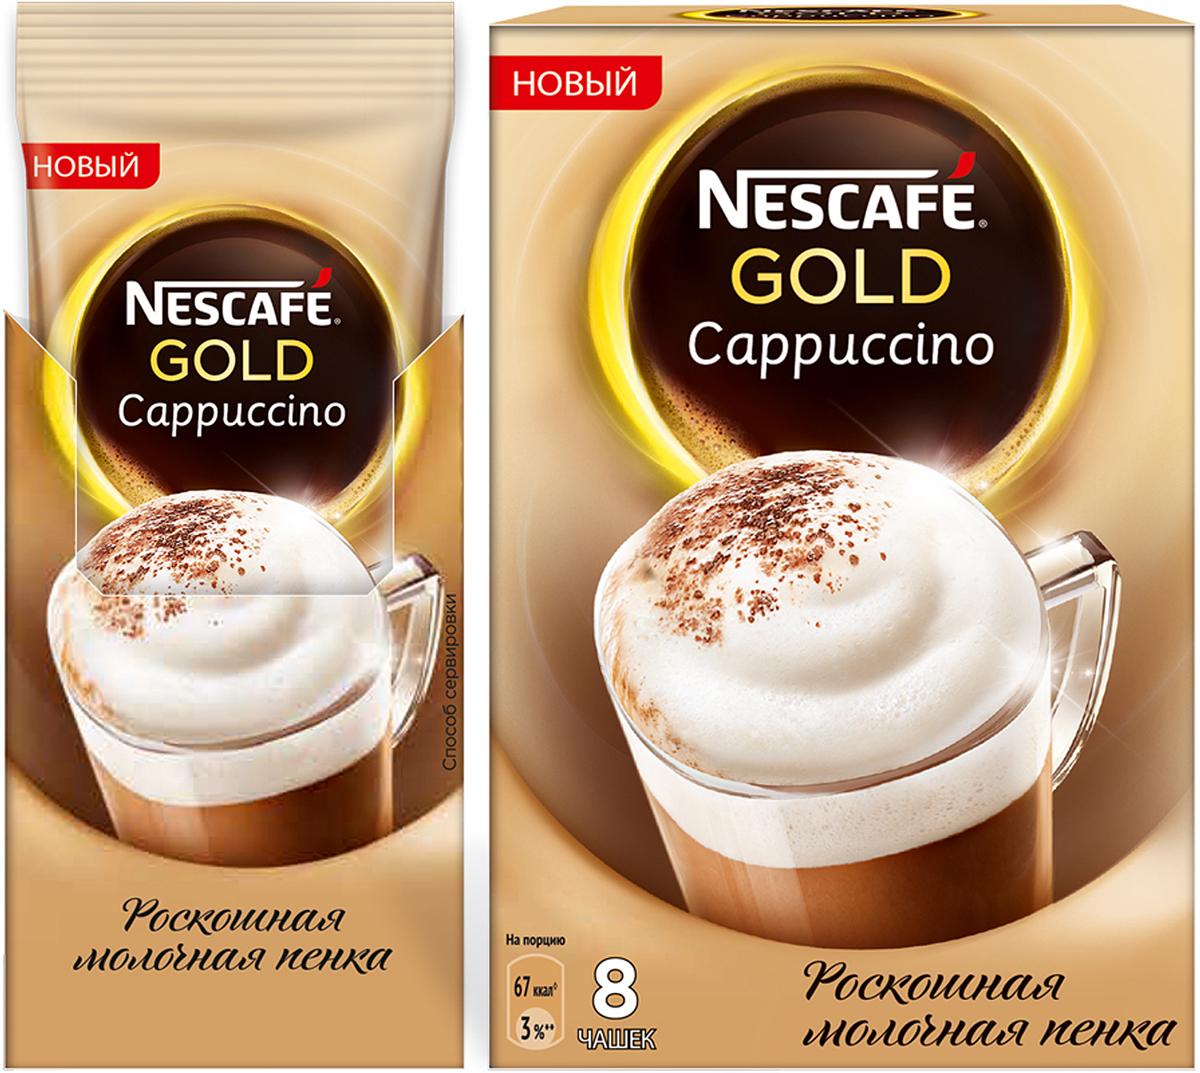 Nescafe Gold Cappuccino Напиток кофейный растворимый с молочной пенкой, 8 пакетиков по 17 г12309007Nescafe Gold Cappuccino - это ароматный кофе с роскошной молочной пенкой. Согласно исследованиям, после полудня около 82% посетителей кофеен приходят, чтобы насладиться ароматом и вкусом кофе, в первую очередь – любимым капучино. Благодаря Nescafe Gold Cappuccino — уникальной новинке от бренда Nescafe Gold — насладиться чашечкой ароматного кофе с роскошной молочной пенкой теперь можно в домашней обстановке, в гостях, в офисе. Инновационность продукта – в особой технологии создания молочной пенки. Благодаря рецептуре Nescafe Gold Cappuccino пенка поднимается на поверхность напитка, а гранулы кофе растворяются медленно, чтобы пенка получилась высокая и белая.Уважаемые клиенты! Обращаем ваше внимание на то, что упаковка может иметь несколько видов дизайна. Поставка осуществляется в зависимости от наличия на складе.